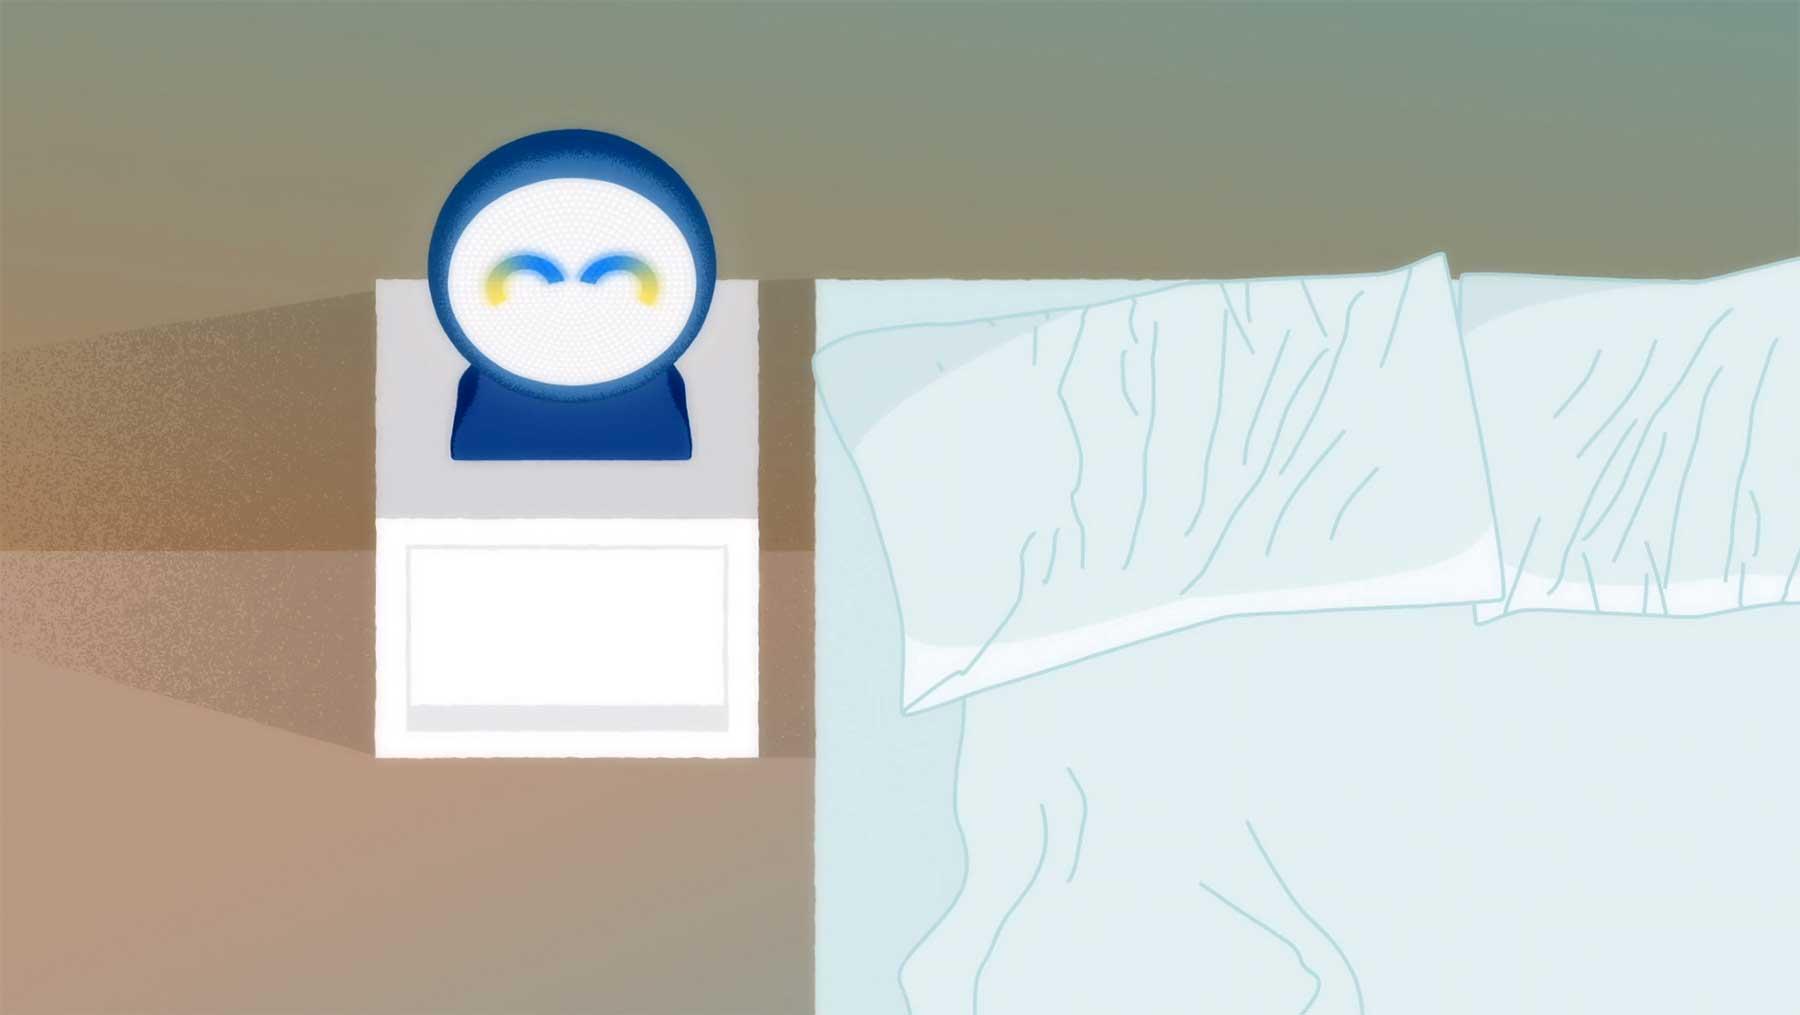 Zwei Sprach-Assistenten im Endloss-Dialog animierter-kurzfilm-while-you-were-sleeping